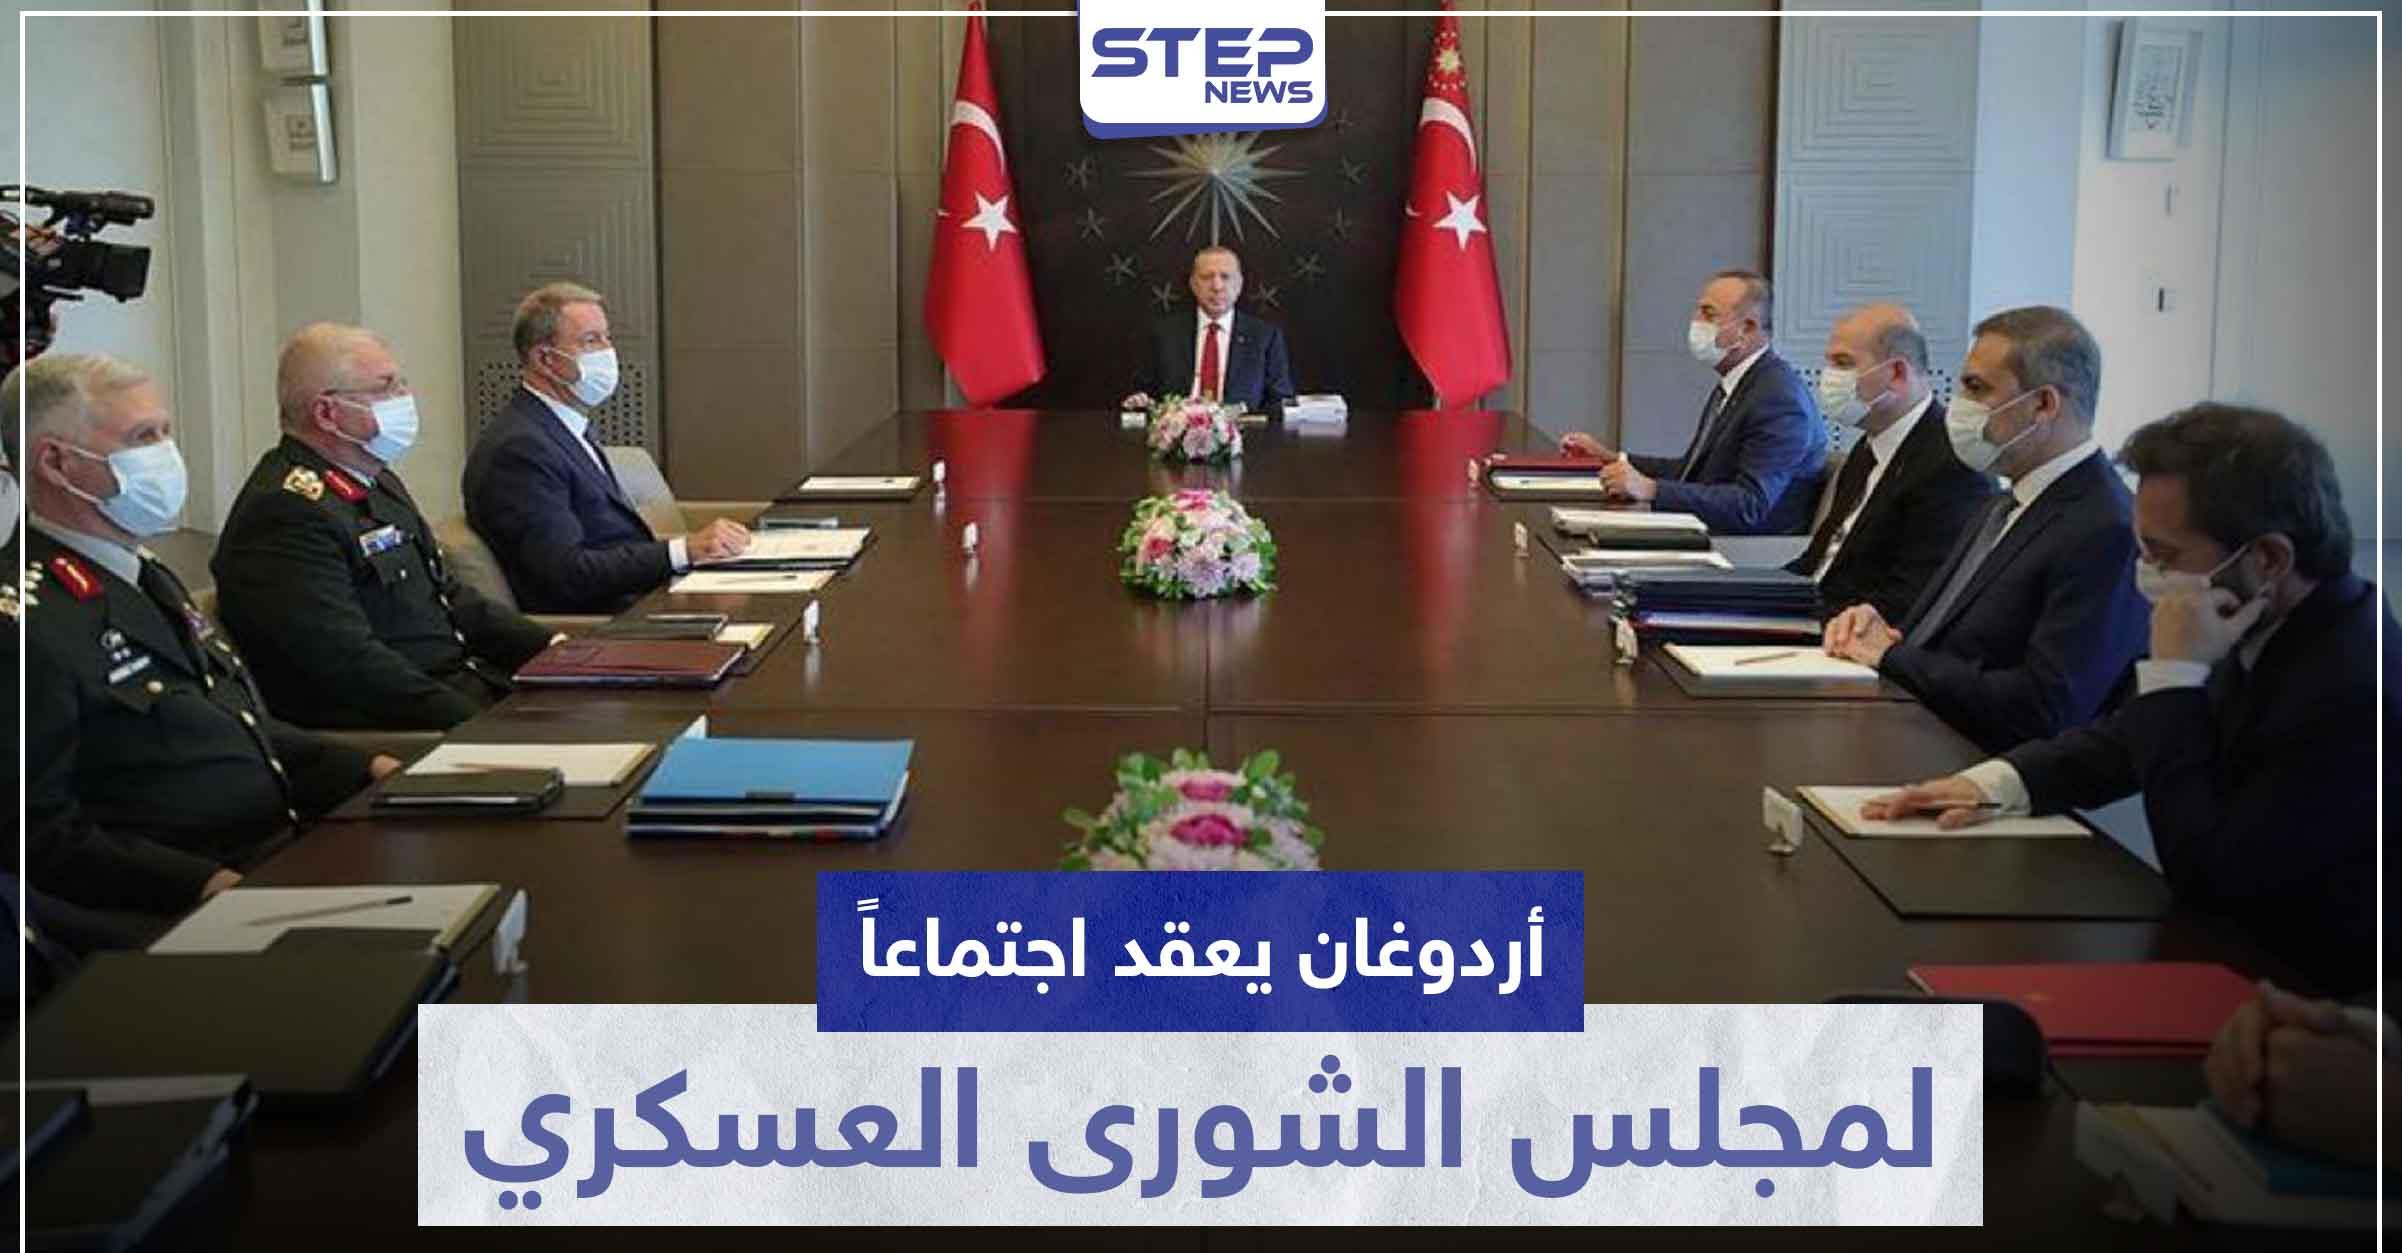 ليبيا على صفيح ساخن.. أردوغان يعقد اجتماعًا لمجلس الشورى العسكري ومخاوف من الصدام مع مصر